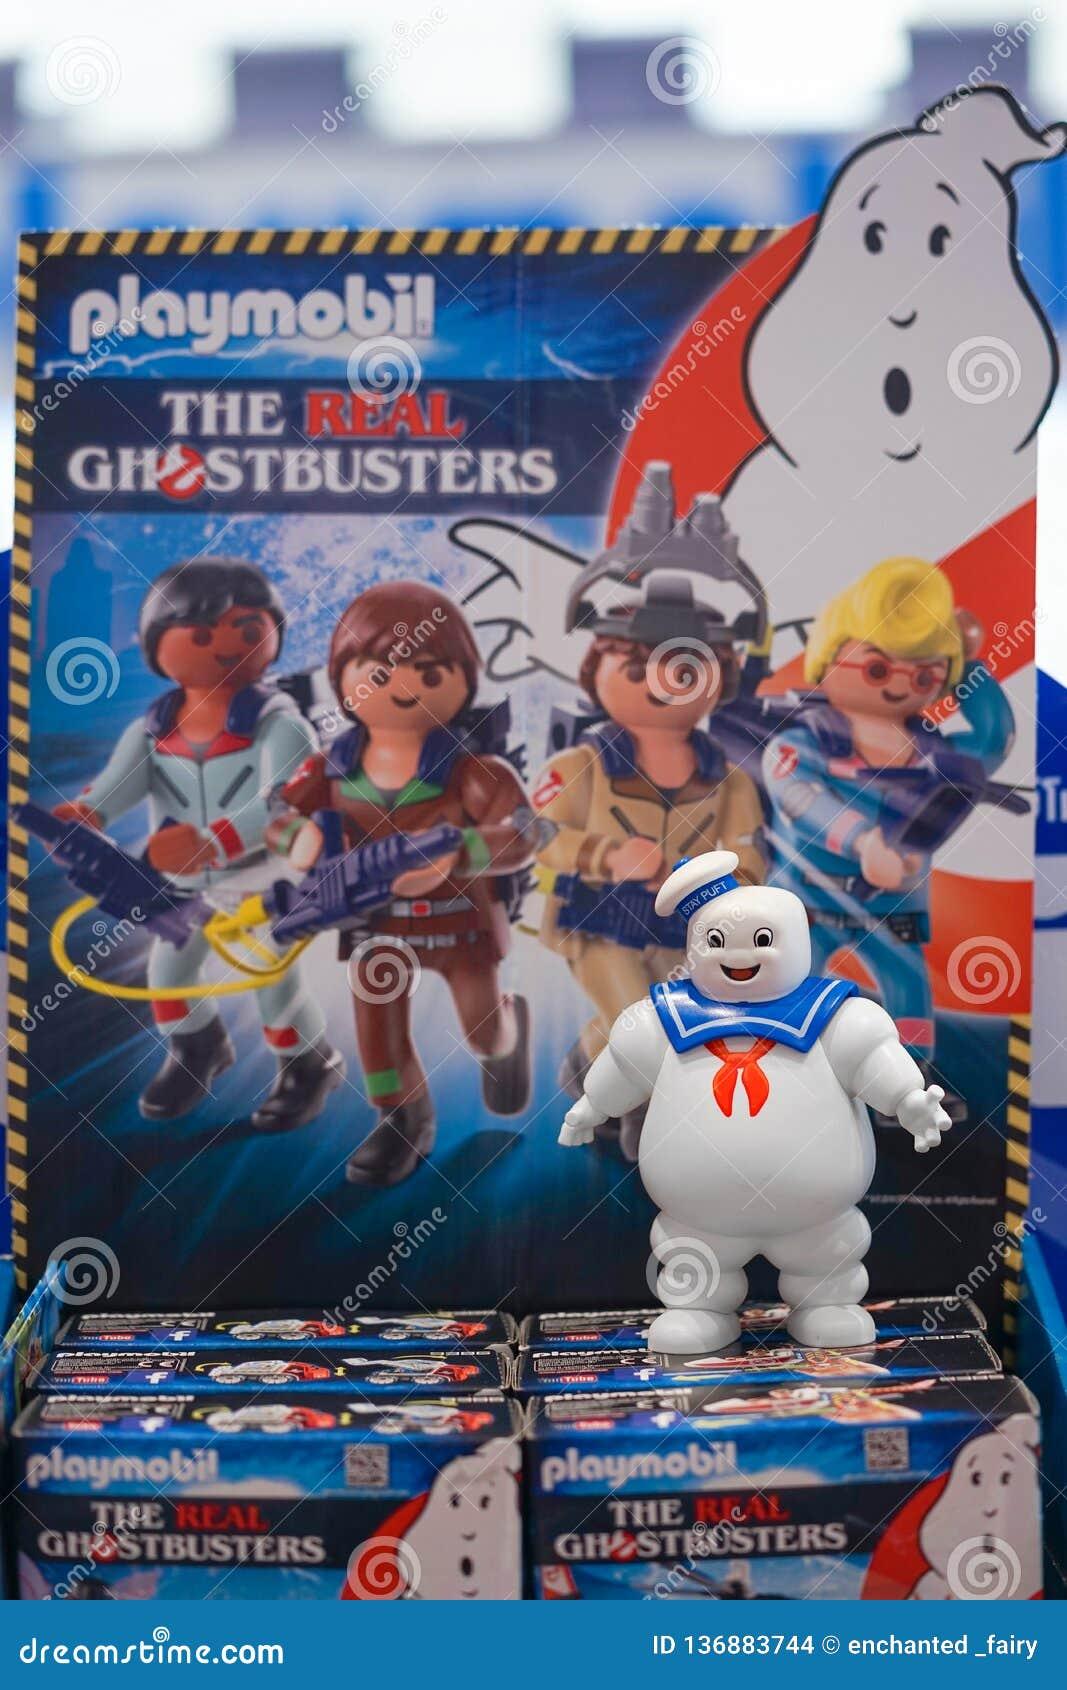 Bangkok - 12 de enero de 2019: Una foto de un juguete del hombre de la melcocha de los ghostbusters del playmobil El hombre de la